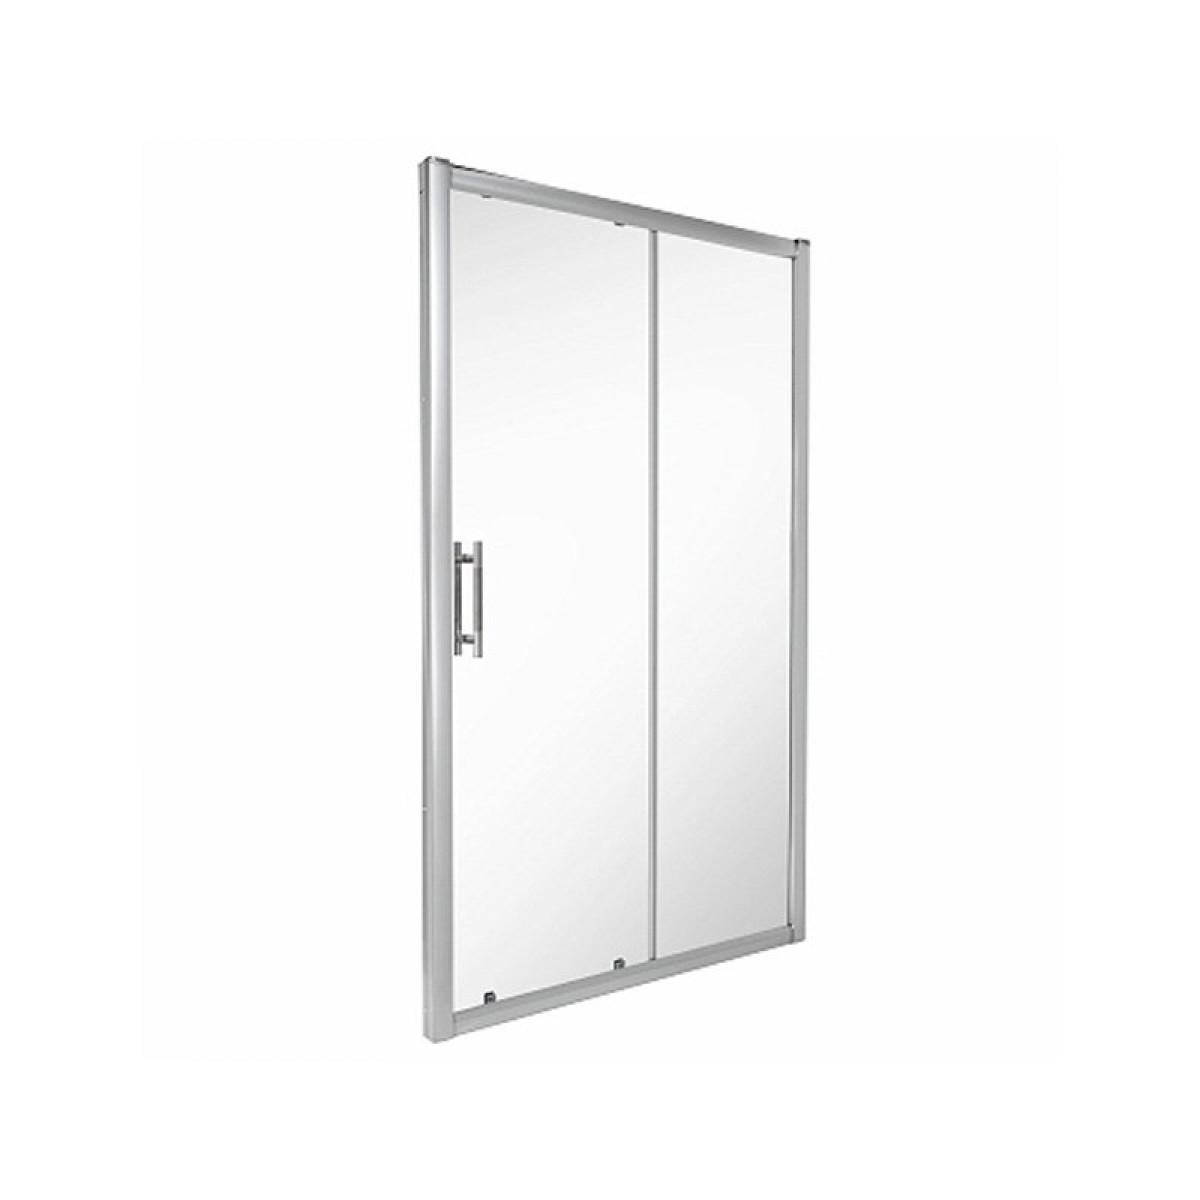 Twyford Es400 1200mm Sliding Shower Door Es48500cp